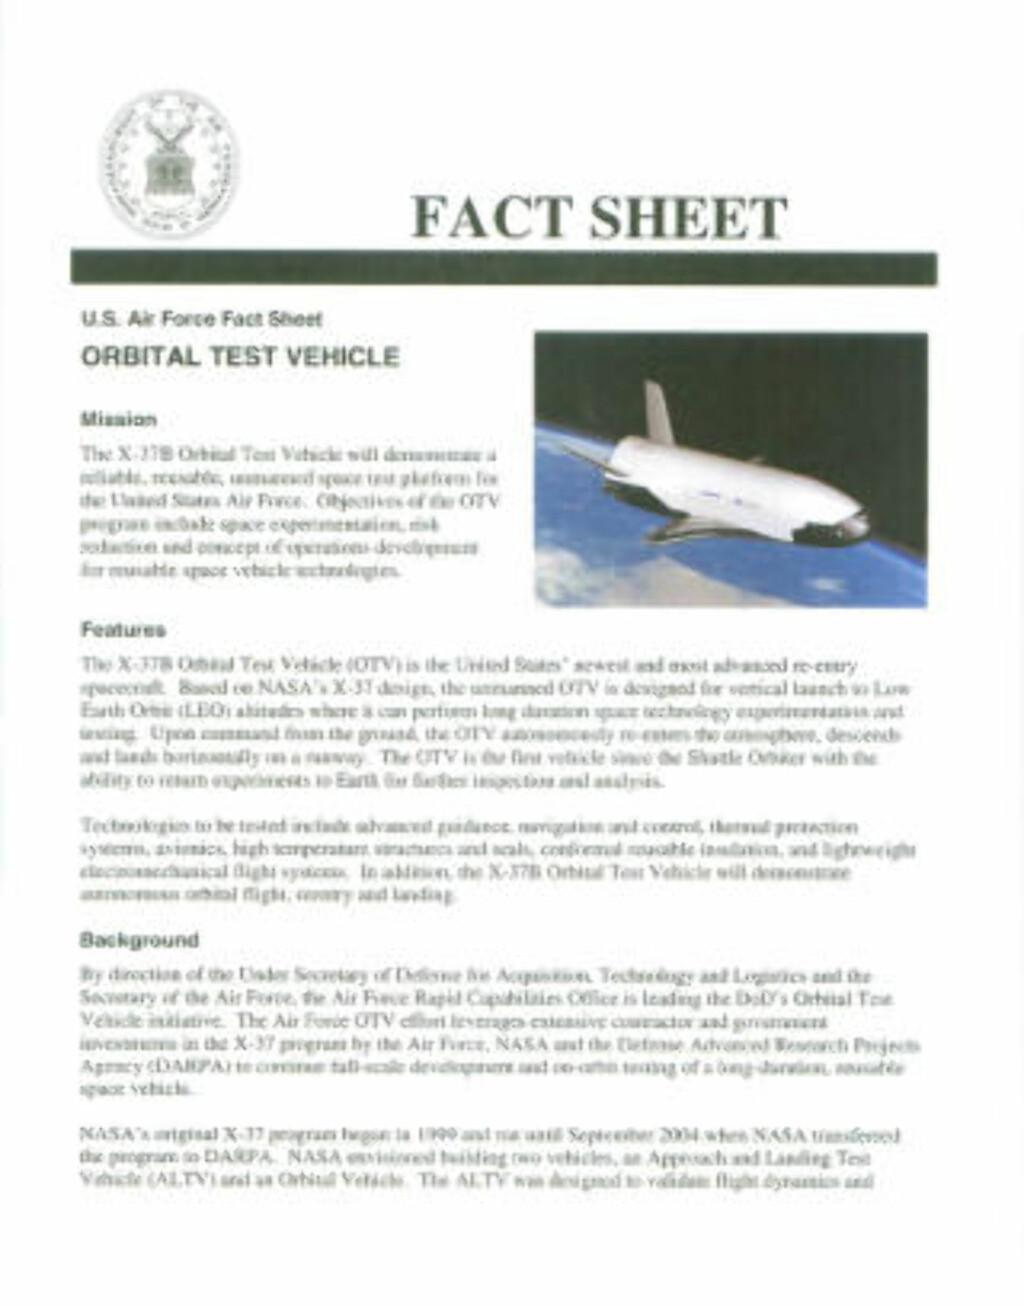 U.S. AIRFORCE er sparsomme med opplysninger rundt prosjektet. Dette er det offisielle faktaskrivet til romflyet. Se dokumentet som pdf her. Faksimile: U.S. Air Force